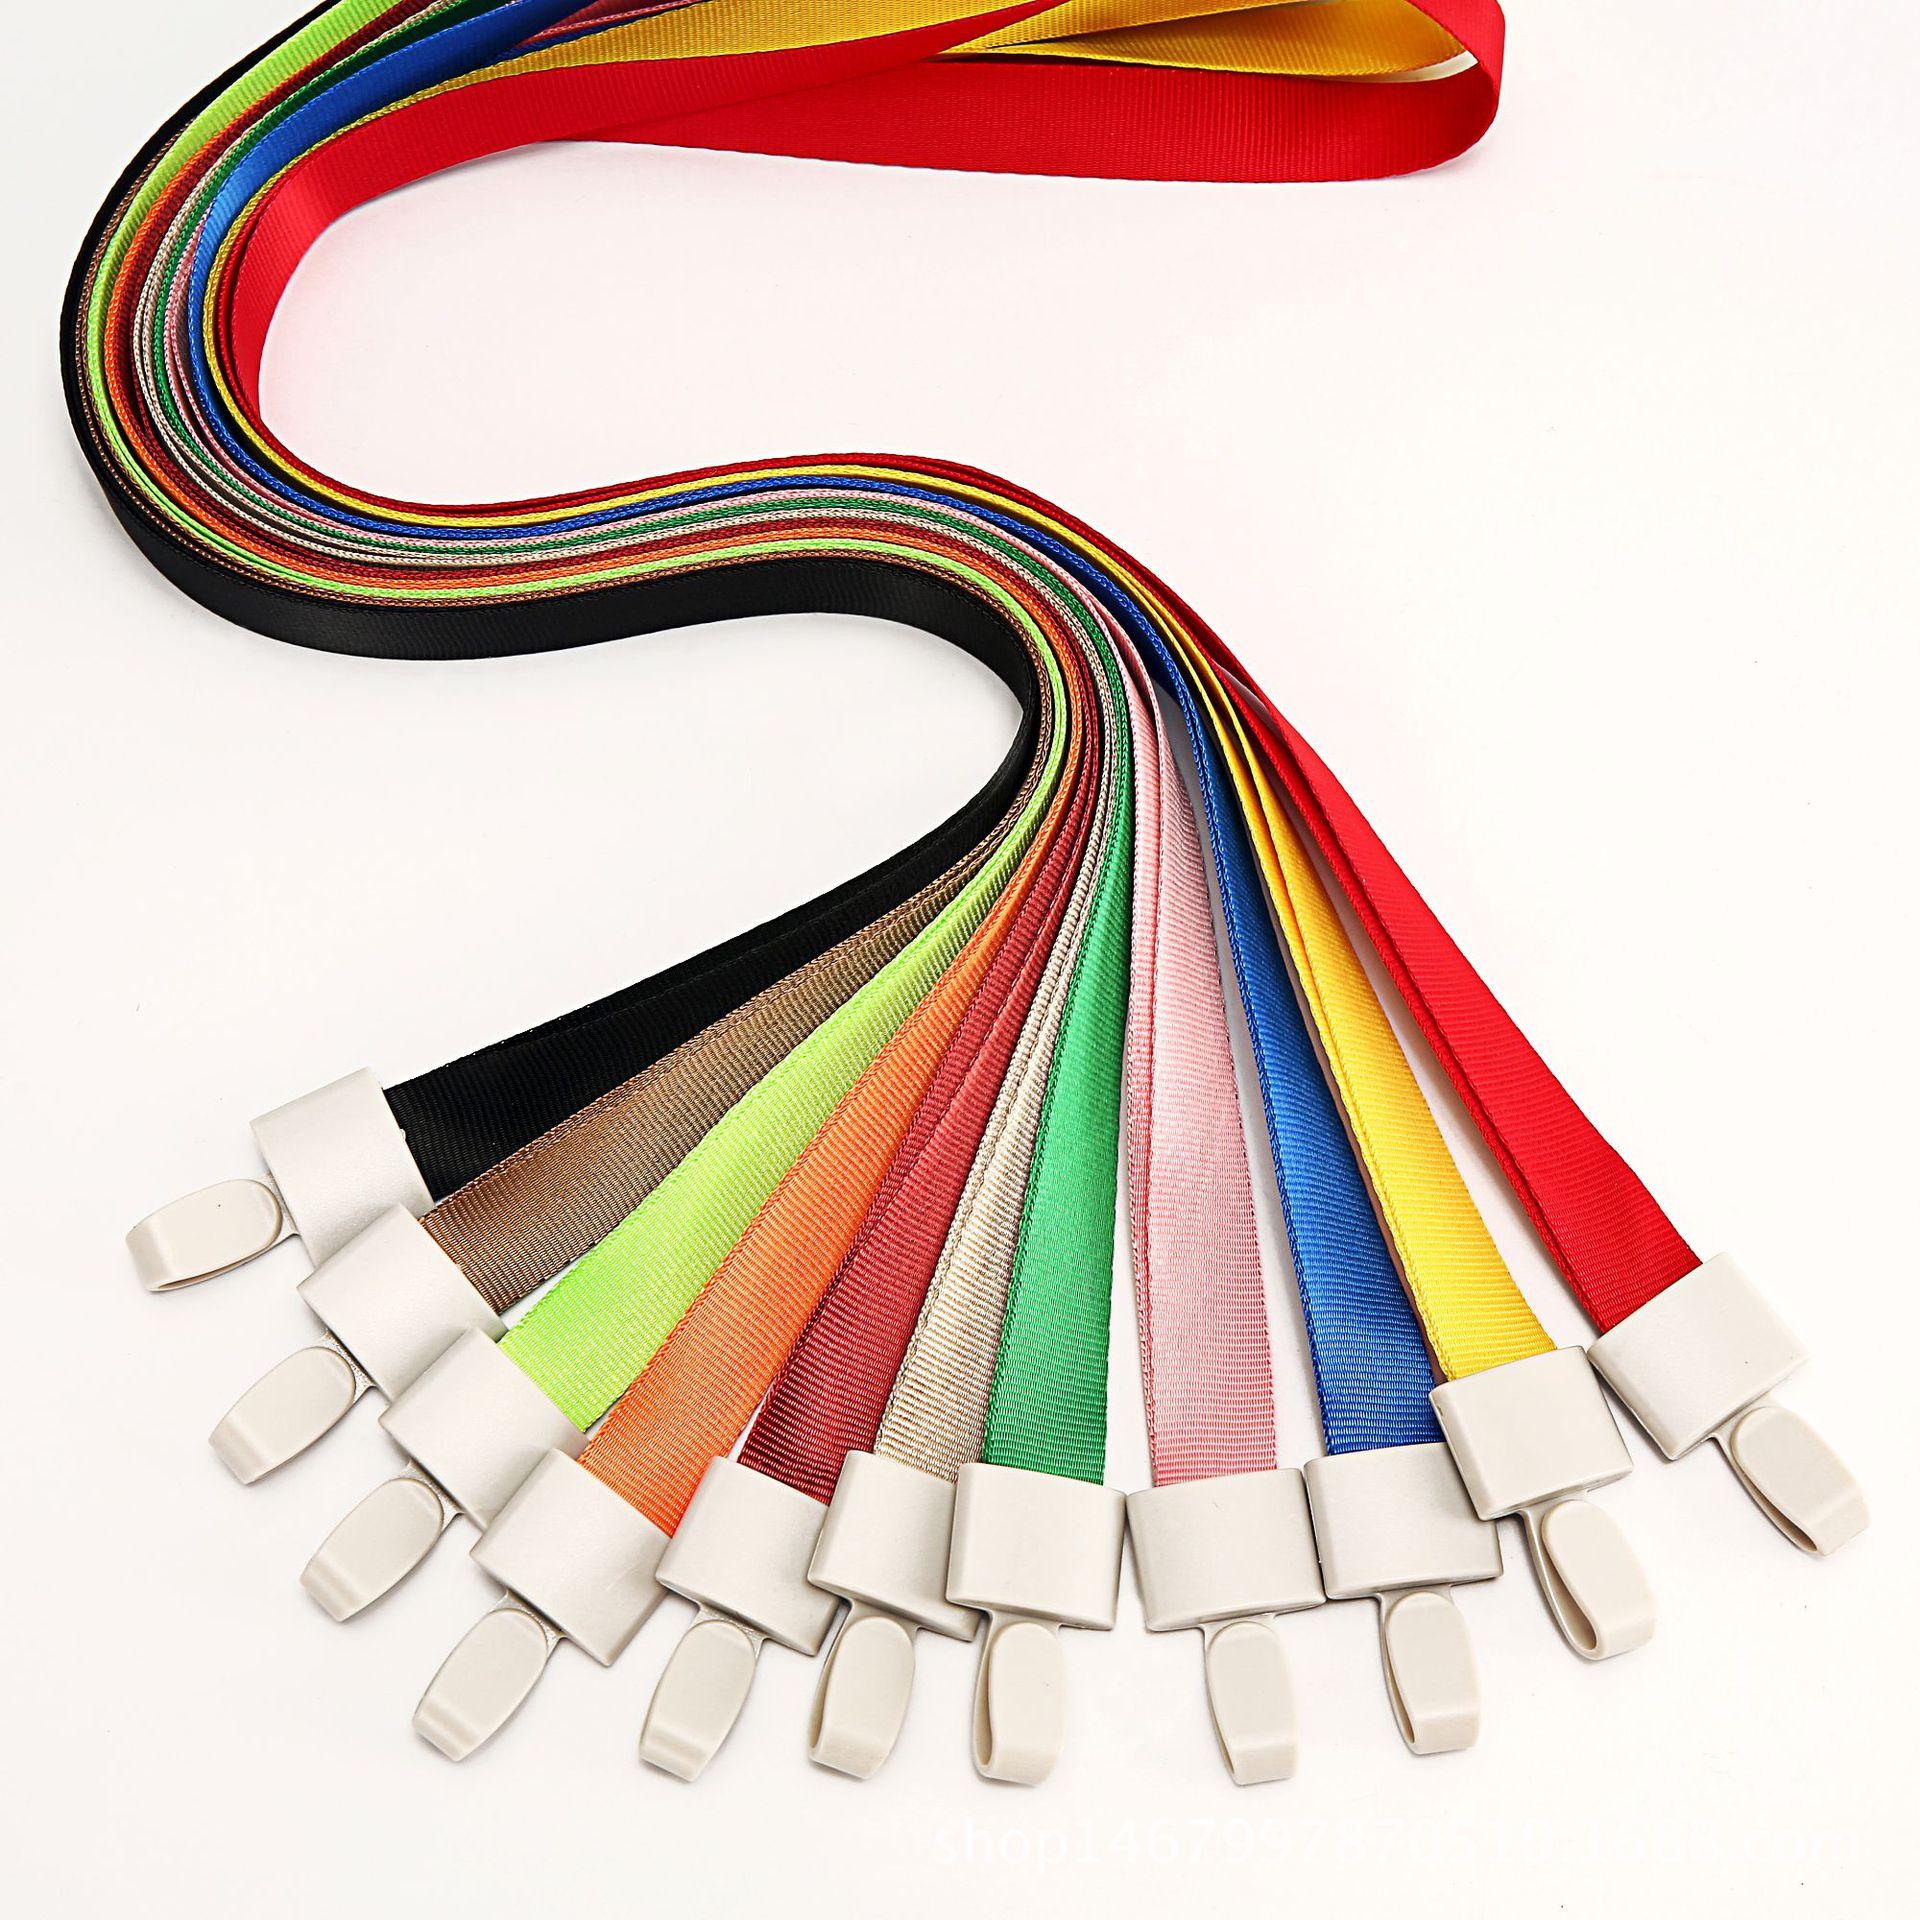 JINBANG dây đeo Nhà máy tại chỗ bán hàng trực tiếp nhựa khóa tài liệu triển lãm dây buộc giấy phép l